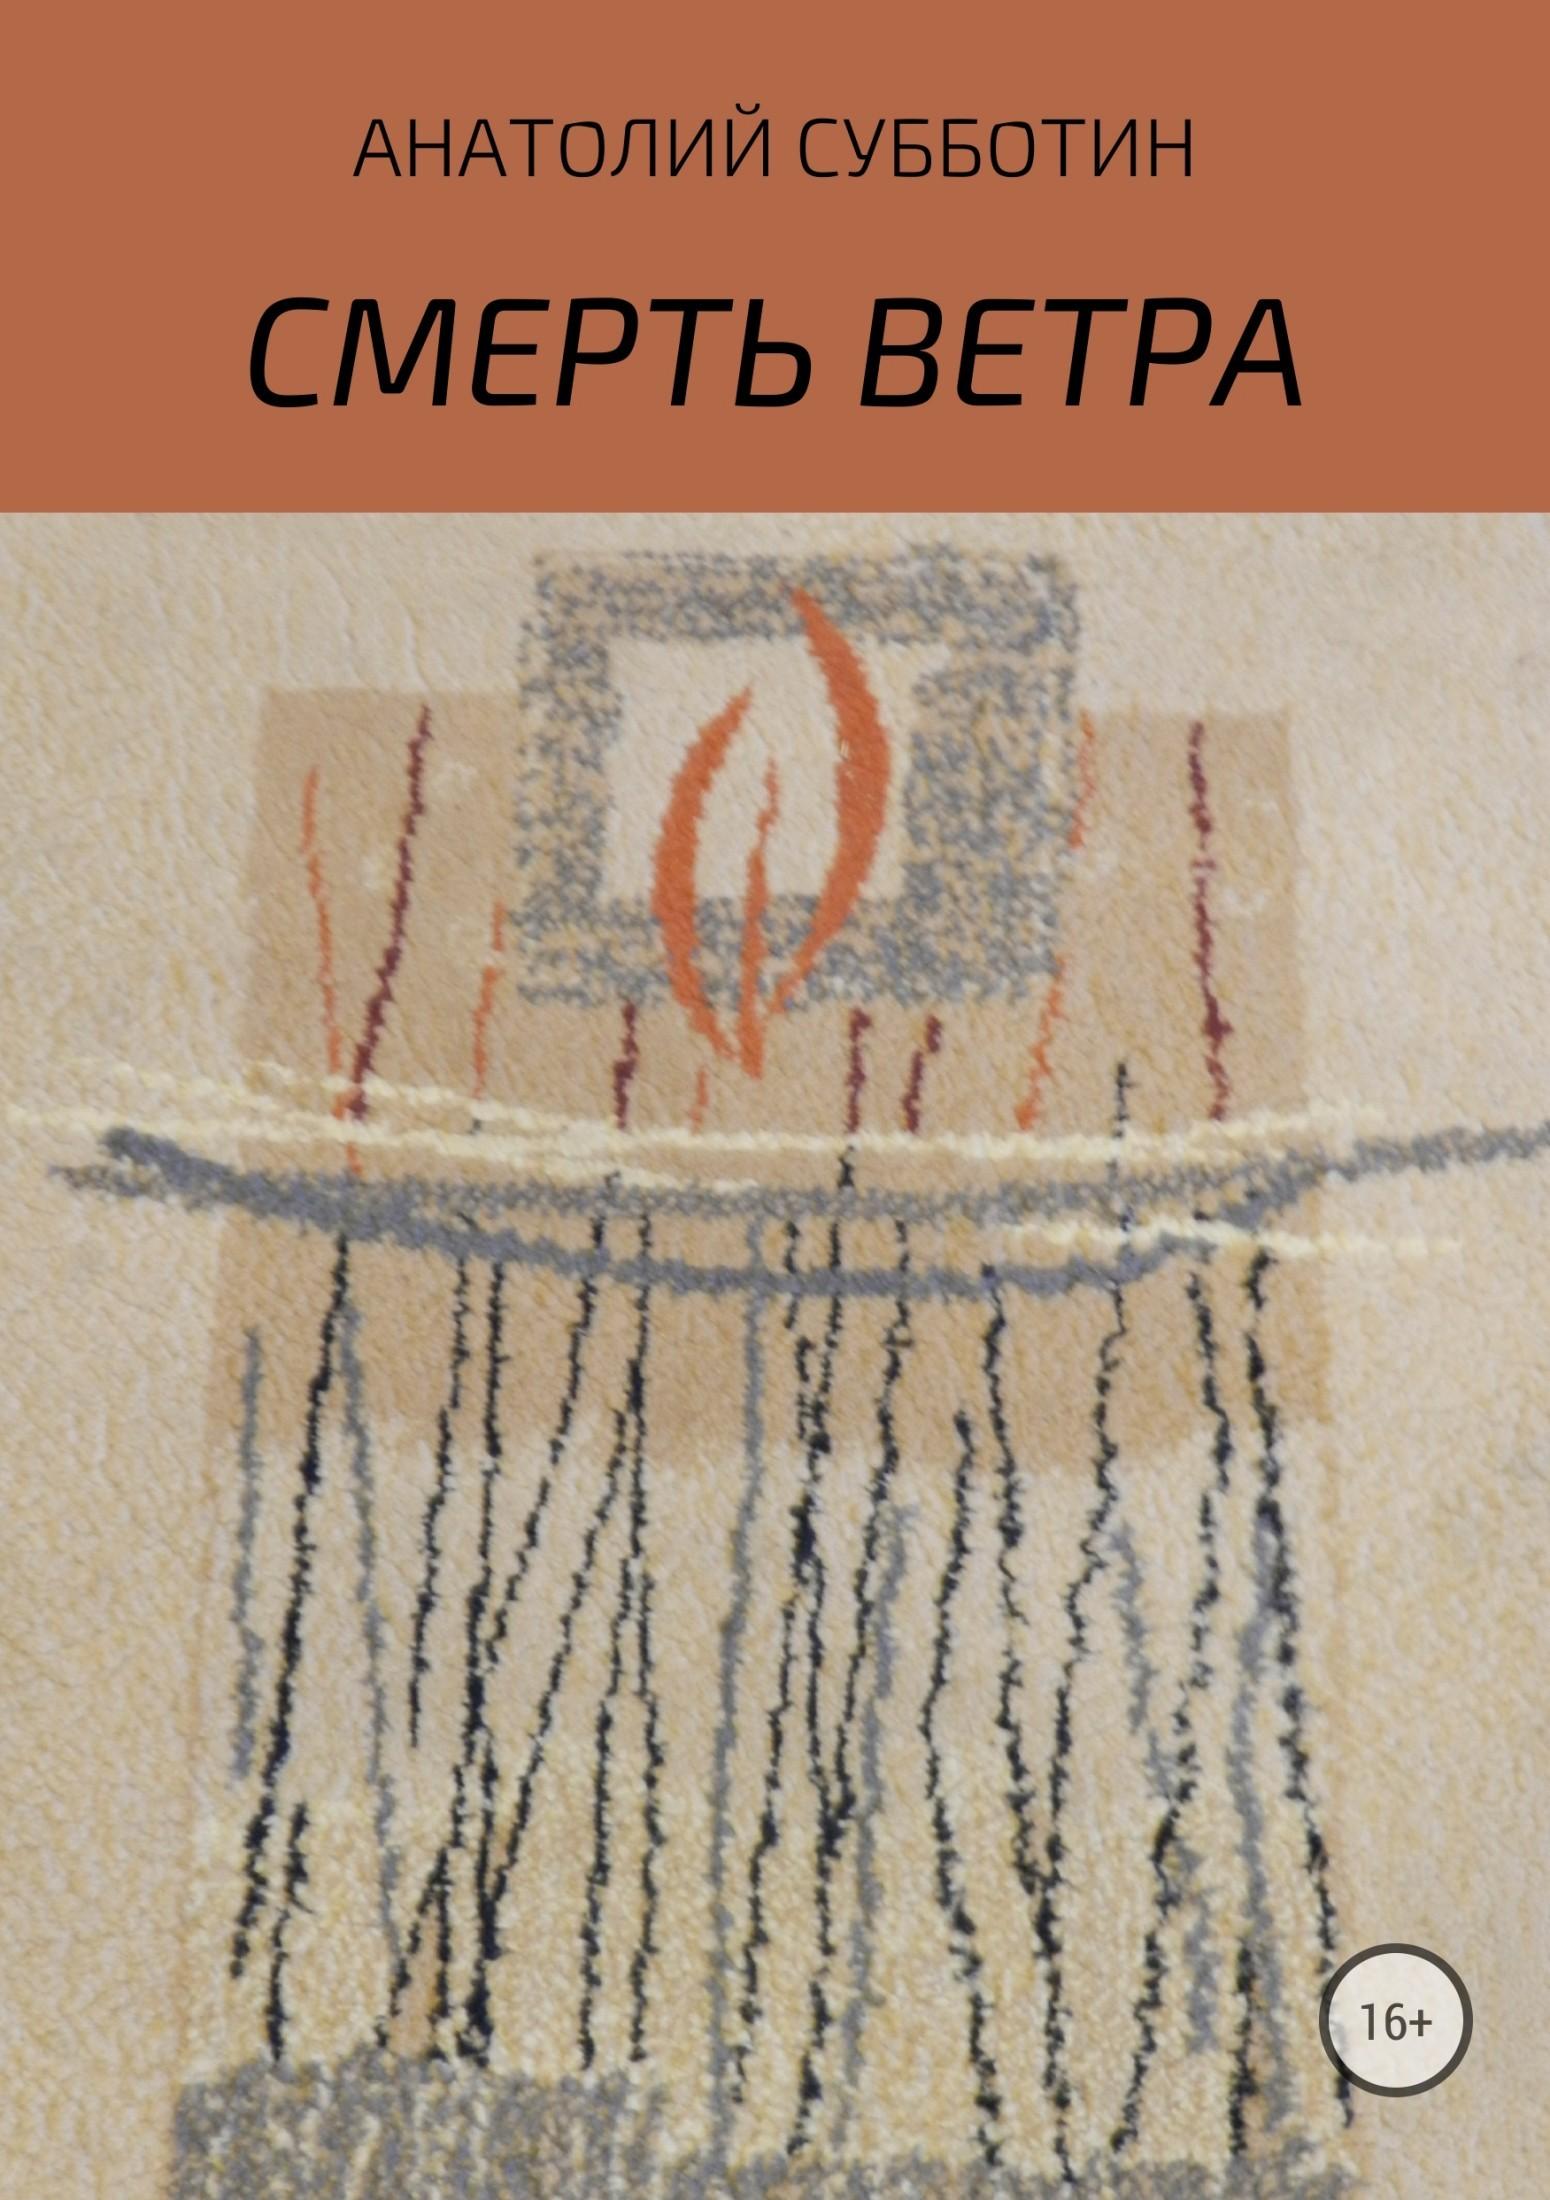 Анатолий Субботин Смерть ветра. Книга стихов анатолий ковалев обманувшая смерть